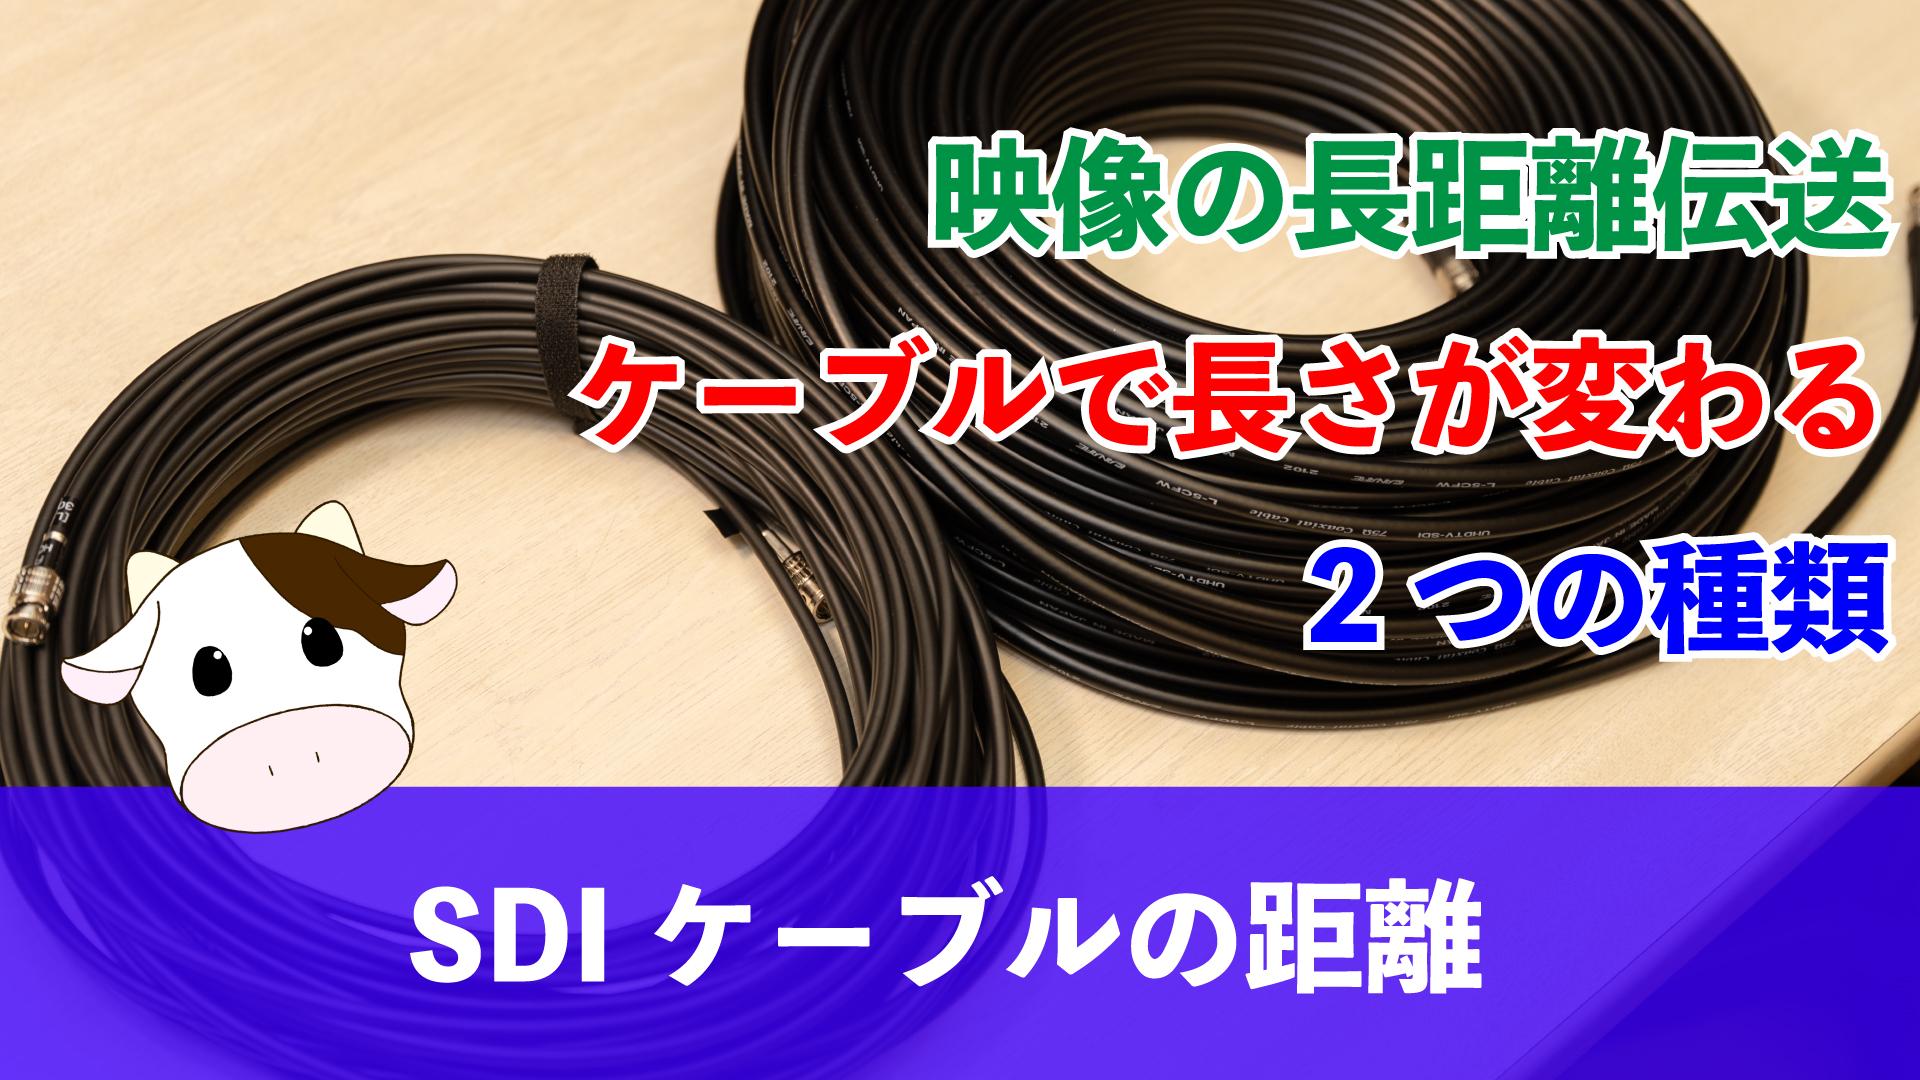 映像を長距離伝送するSDIケーブルの伝送距離について アイキャッチ